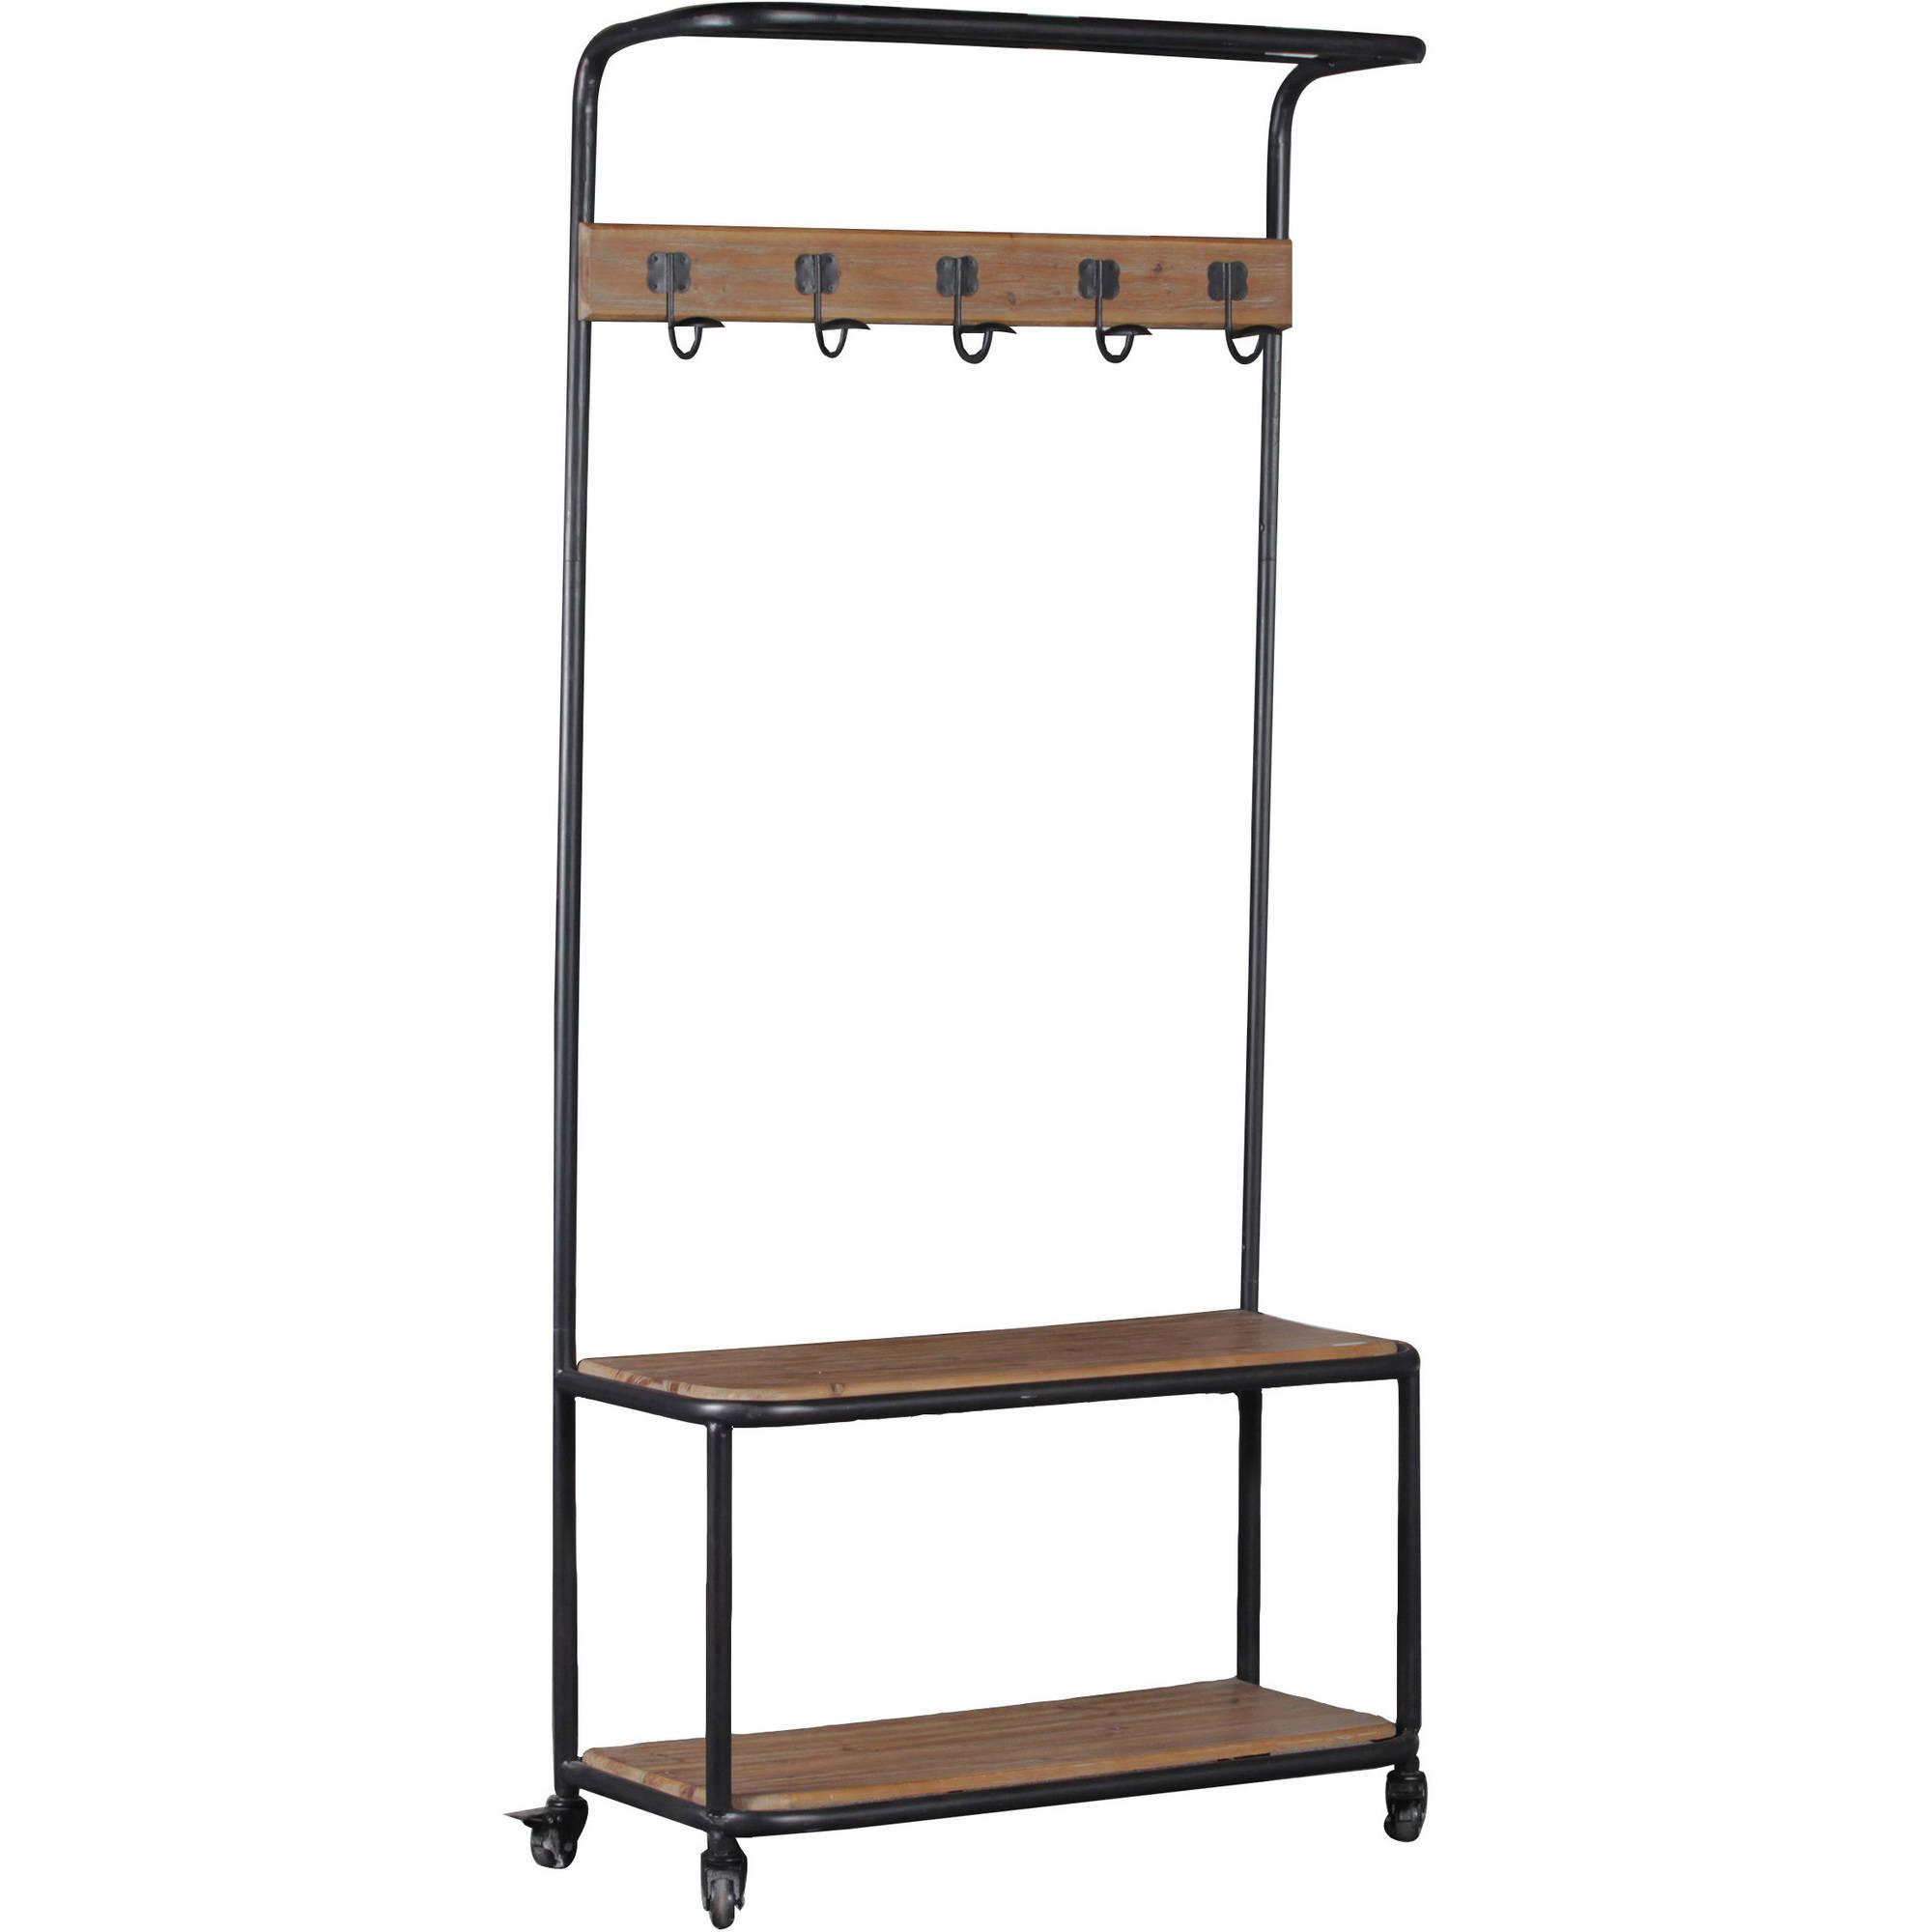 Linon Metal and Wood Hall Tree, 5 hooks, Top and Bottom shelf